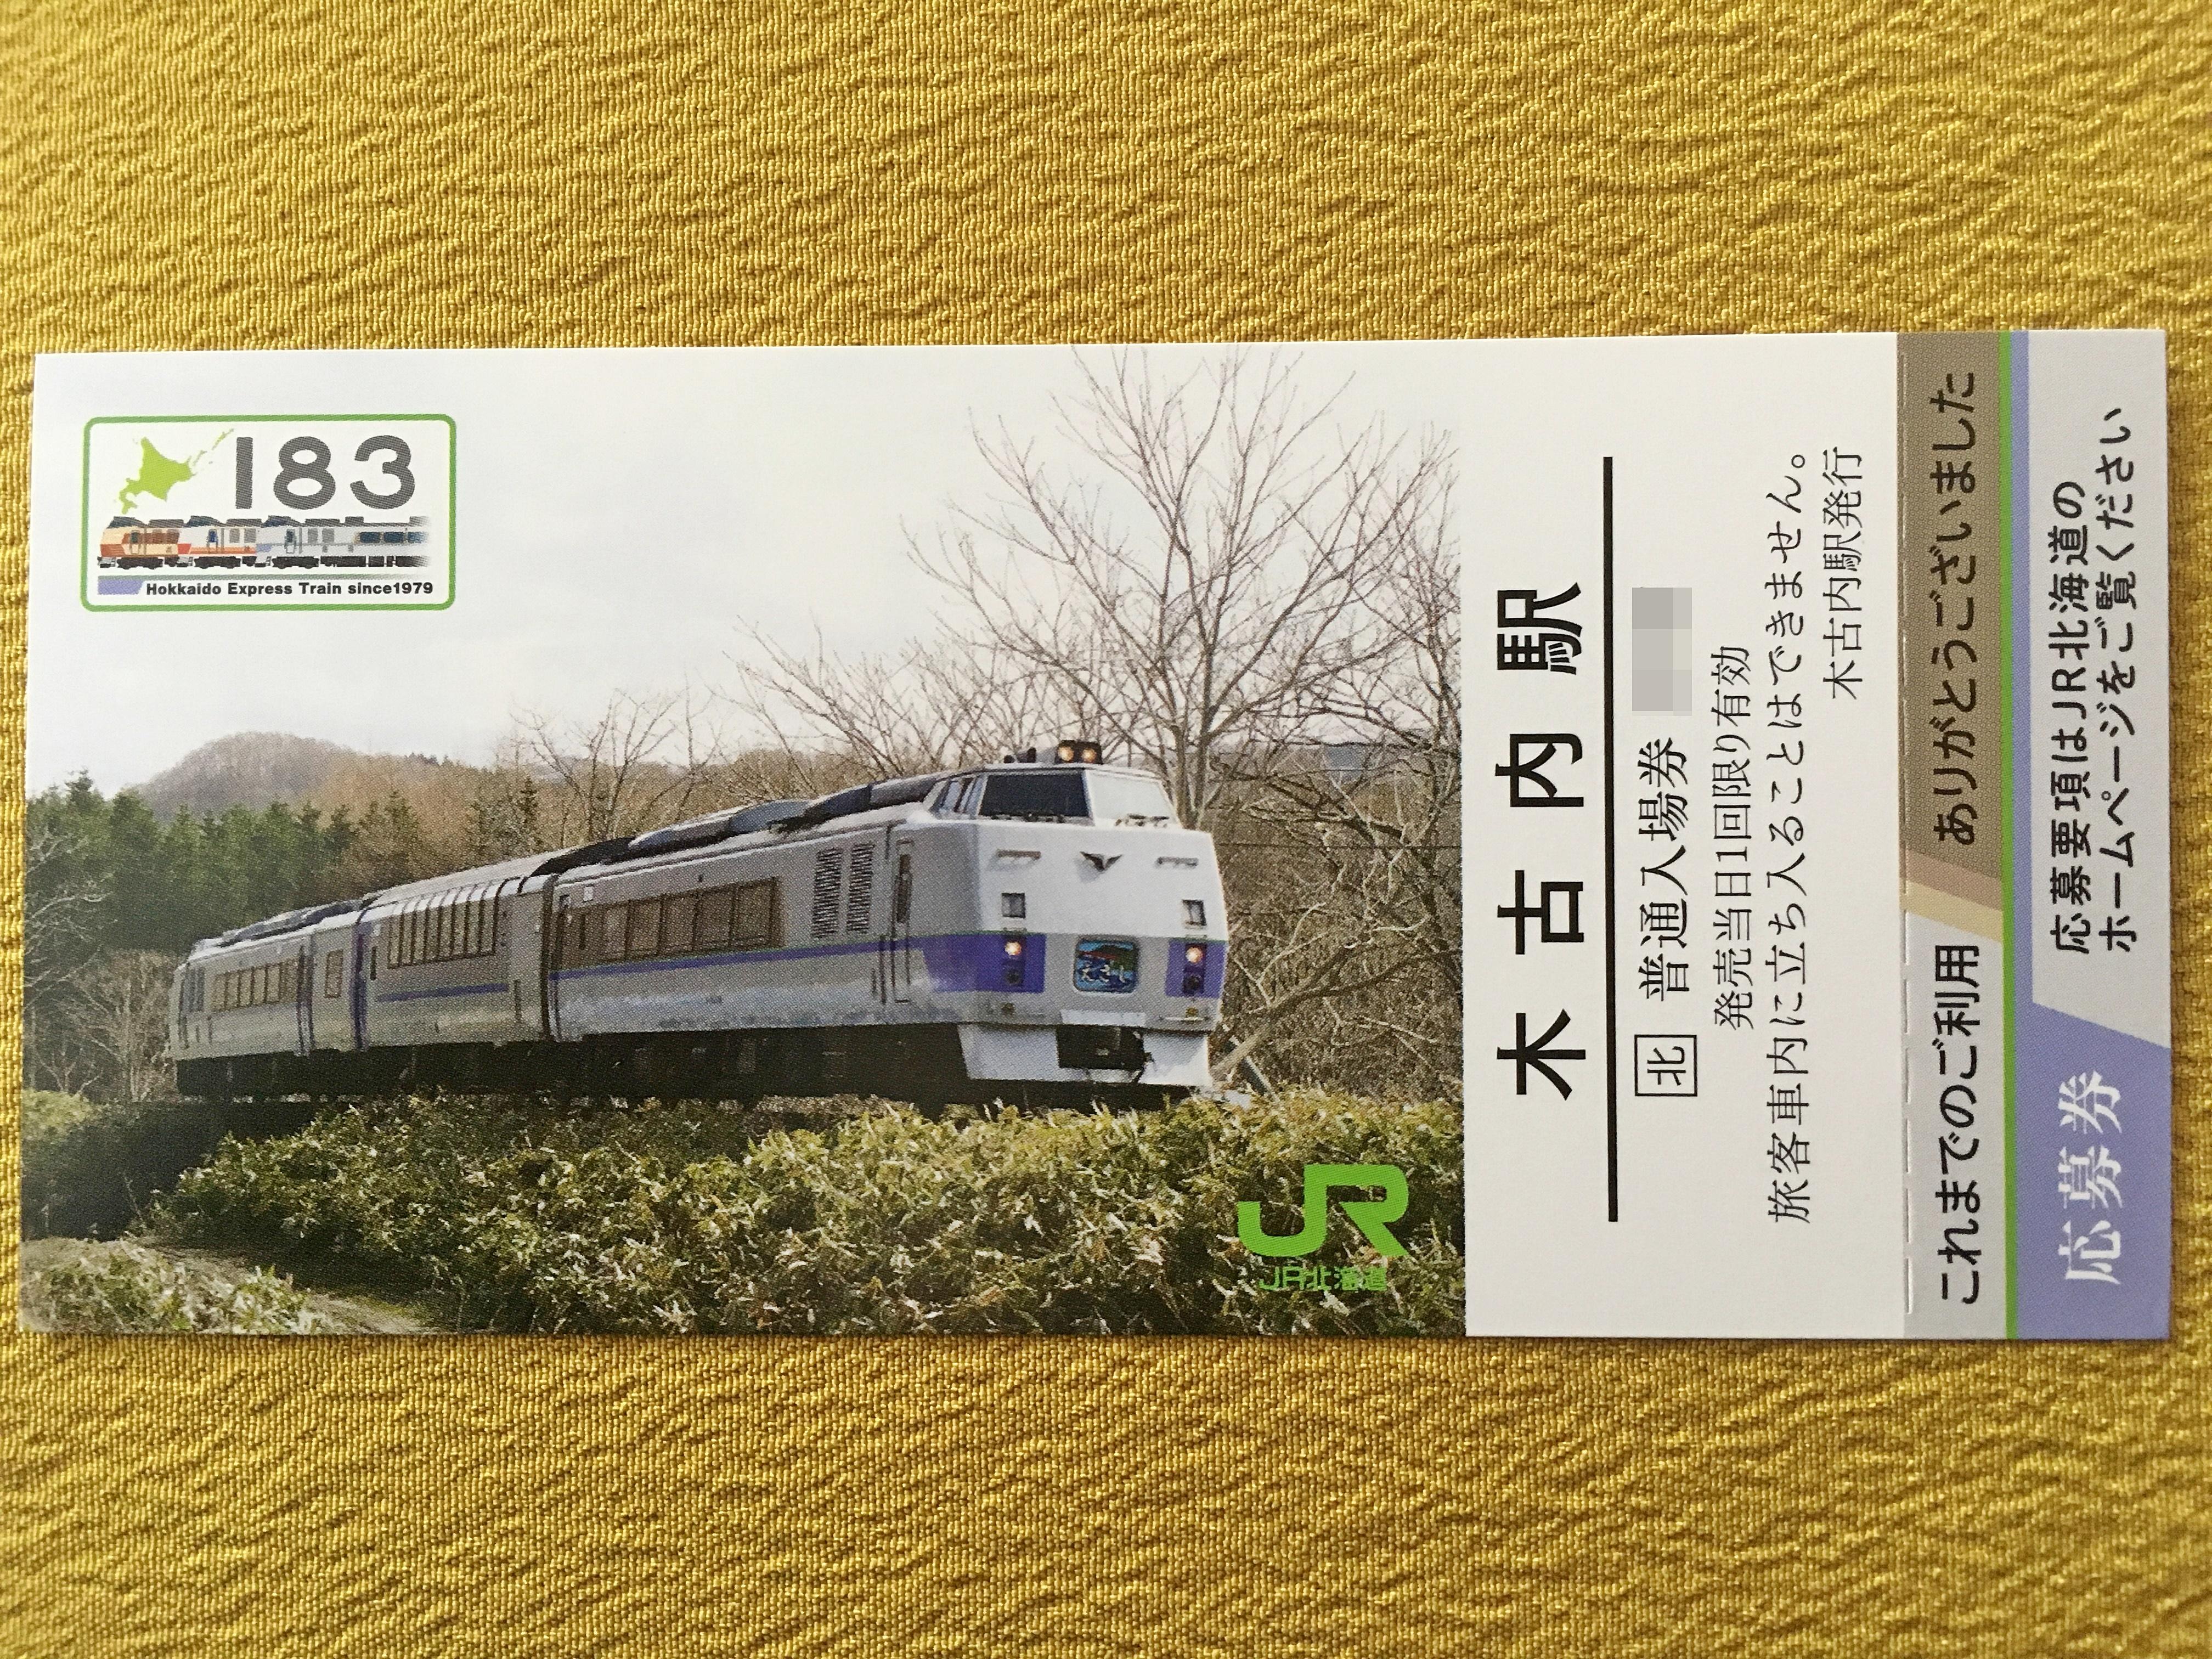 キハ183-0系記念入場券 木古内駅表.JPG